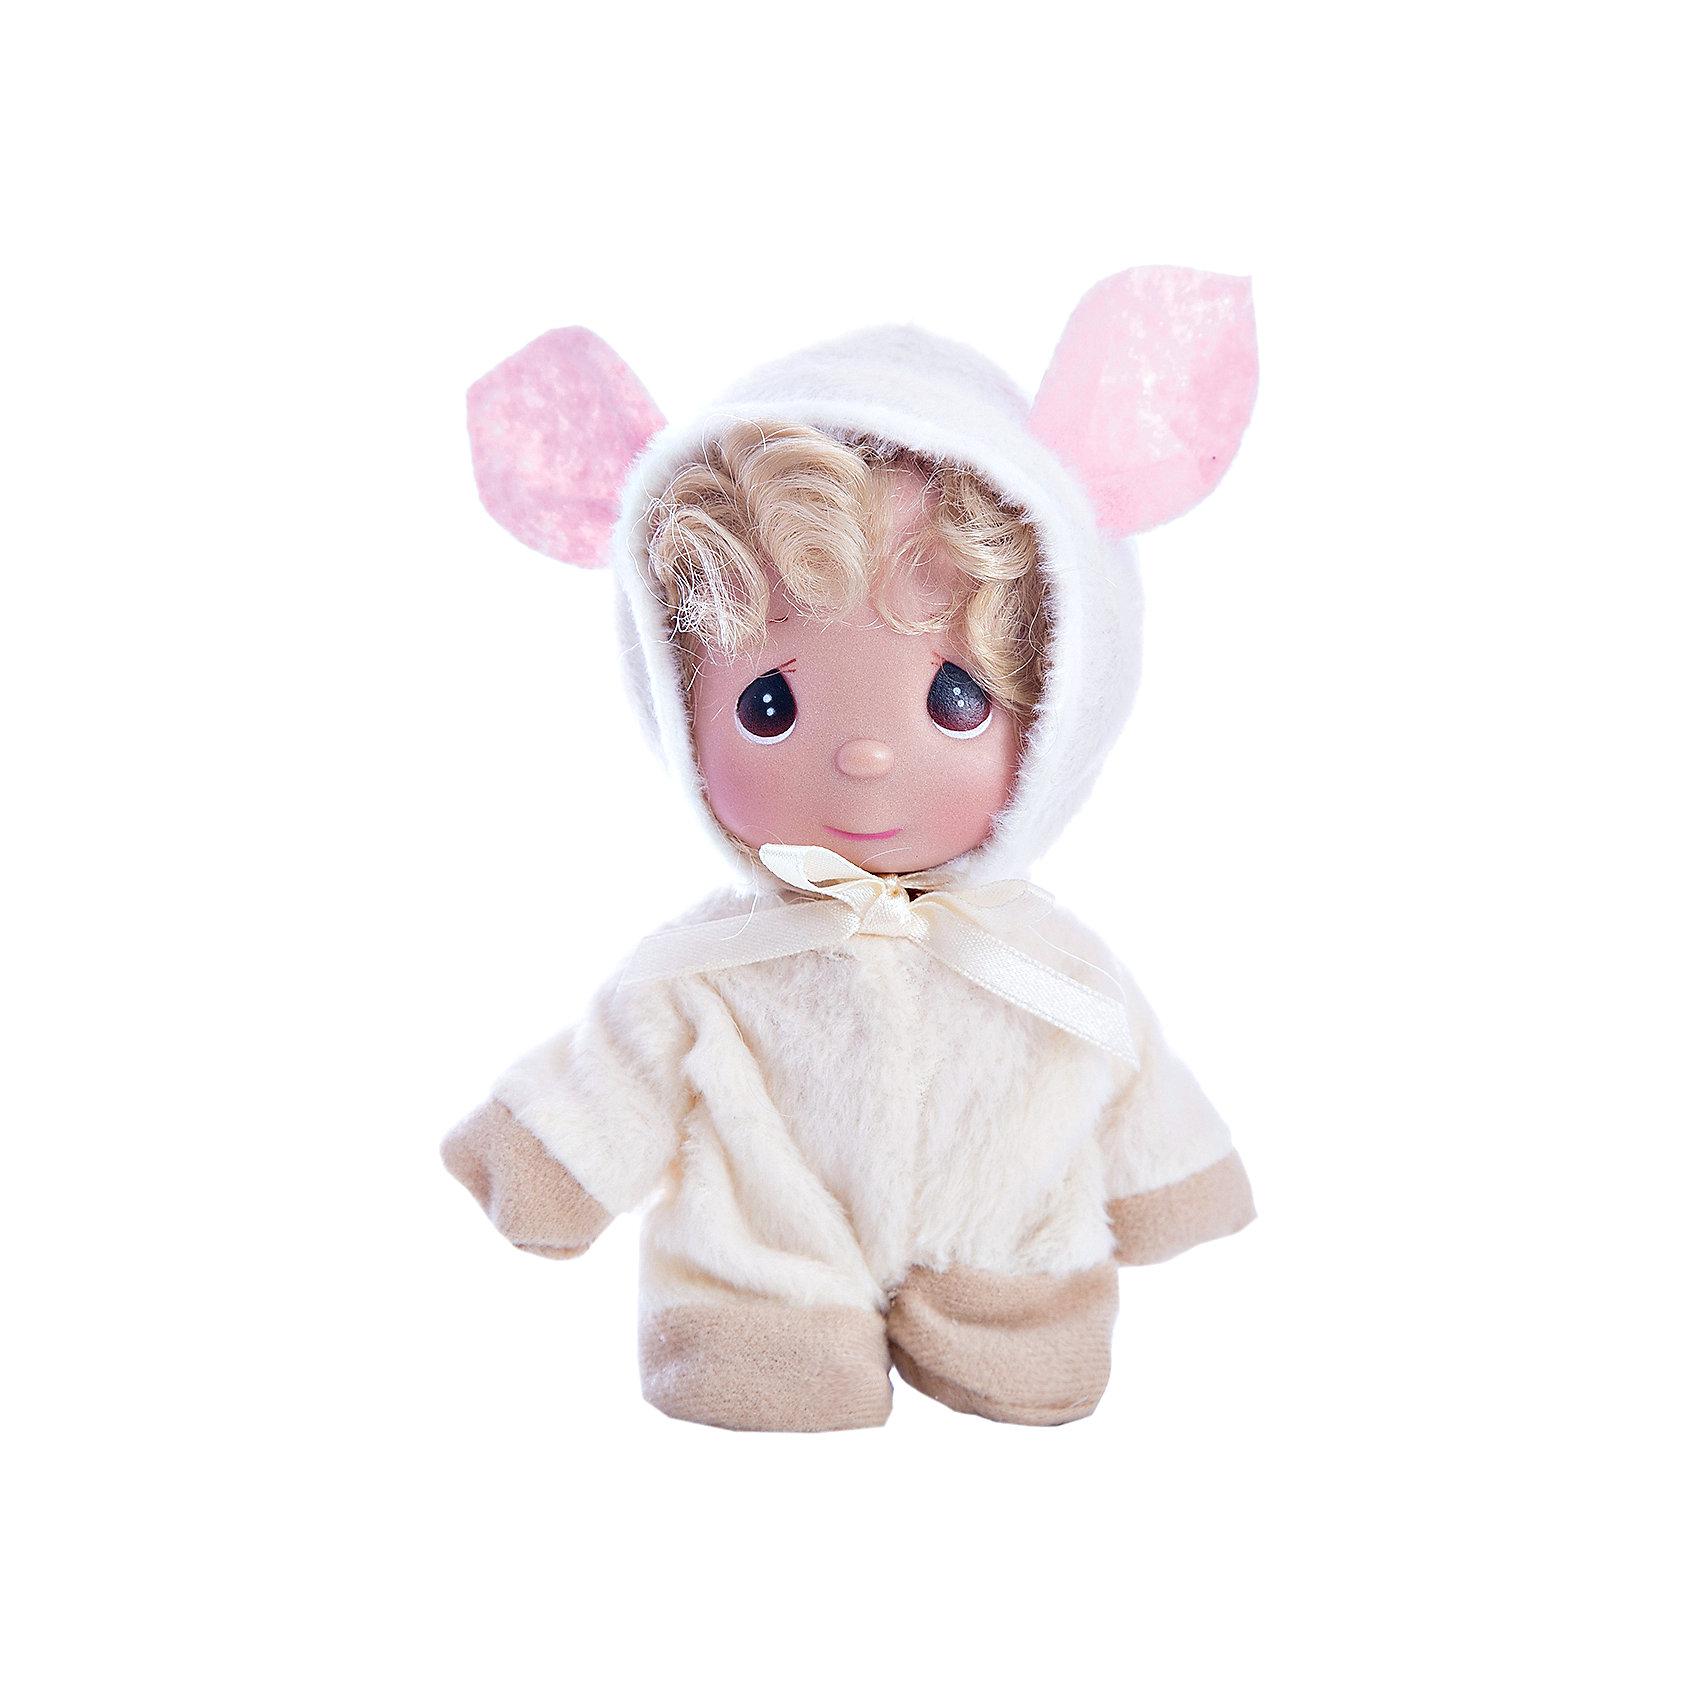 Кукла Овечка, 14 см, Precious MomentsКлассические куклы<br>Характеристики товара:<br><br>• возраст: от 5 лет;<br>• материал: винил, текстиль;<br>• высота куклы: 14 см;<br>• размер упаковки: 16х10х5 см;<br>• вес упаковки: 70 гр.;<br>• страна производитель: Филиппины.<br><br>Кукла «Овечка» 14 см Precious Moments — коллекционная кукла с выразительными карими глазками и светлыми волосами. Она одета в пушистый костюм овечки с большими ушками. У куклы имеются подвижные детали. Она выполнена из качественного безопасного материала.<br><br>Куклу «Овечка» 14 см Precious Moments можно приобрести в нашем интернет-магазине.<br><br>Ширина мм: 60<br>Глубина мм: 140<br>Высота мм: 40<br>Вес г: 80<br>Возраст от месяцев: 36<br>Возраст до месяцев: 2147483647<br>Пол: Женский<br>Возраст: Детский<br>SKU: 5482523